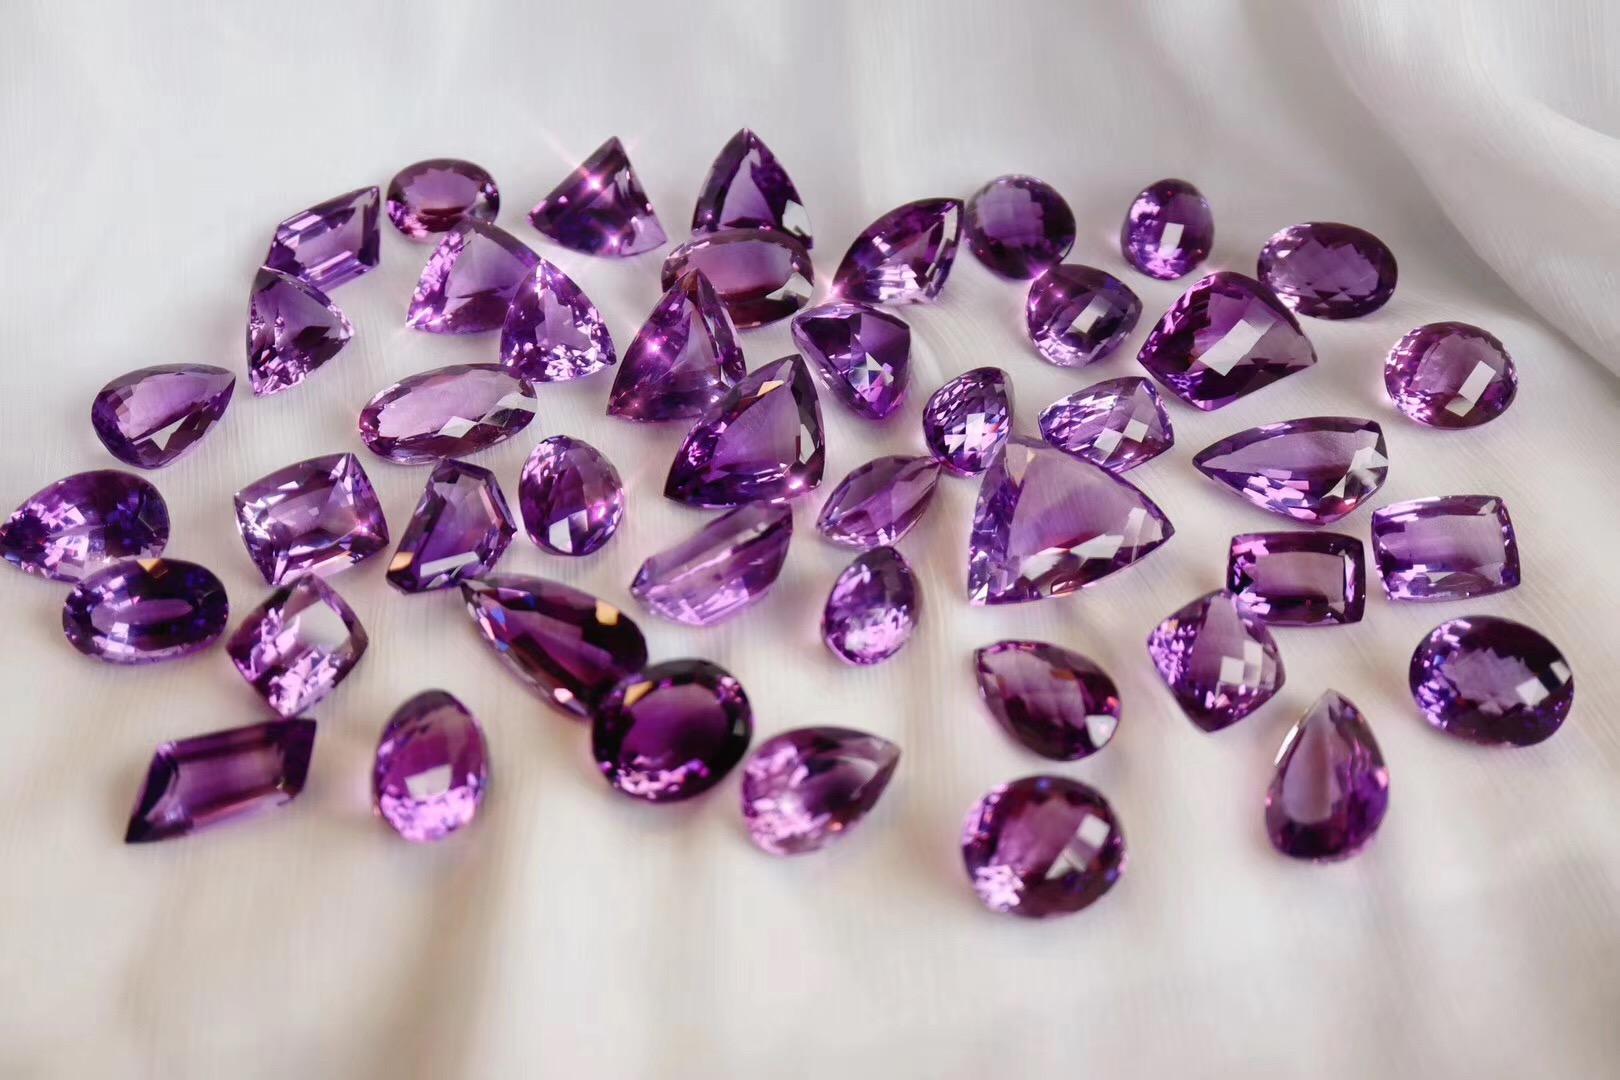 【紫水晶】菩心到了一波全净体的大紫晶-菩心晶舍